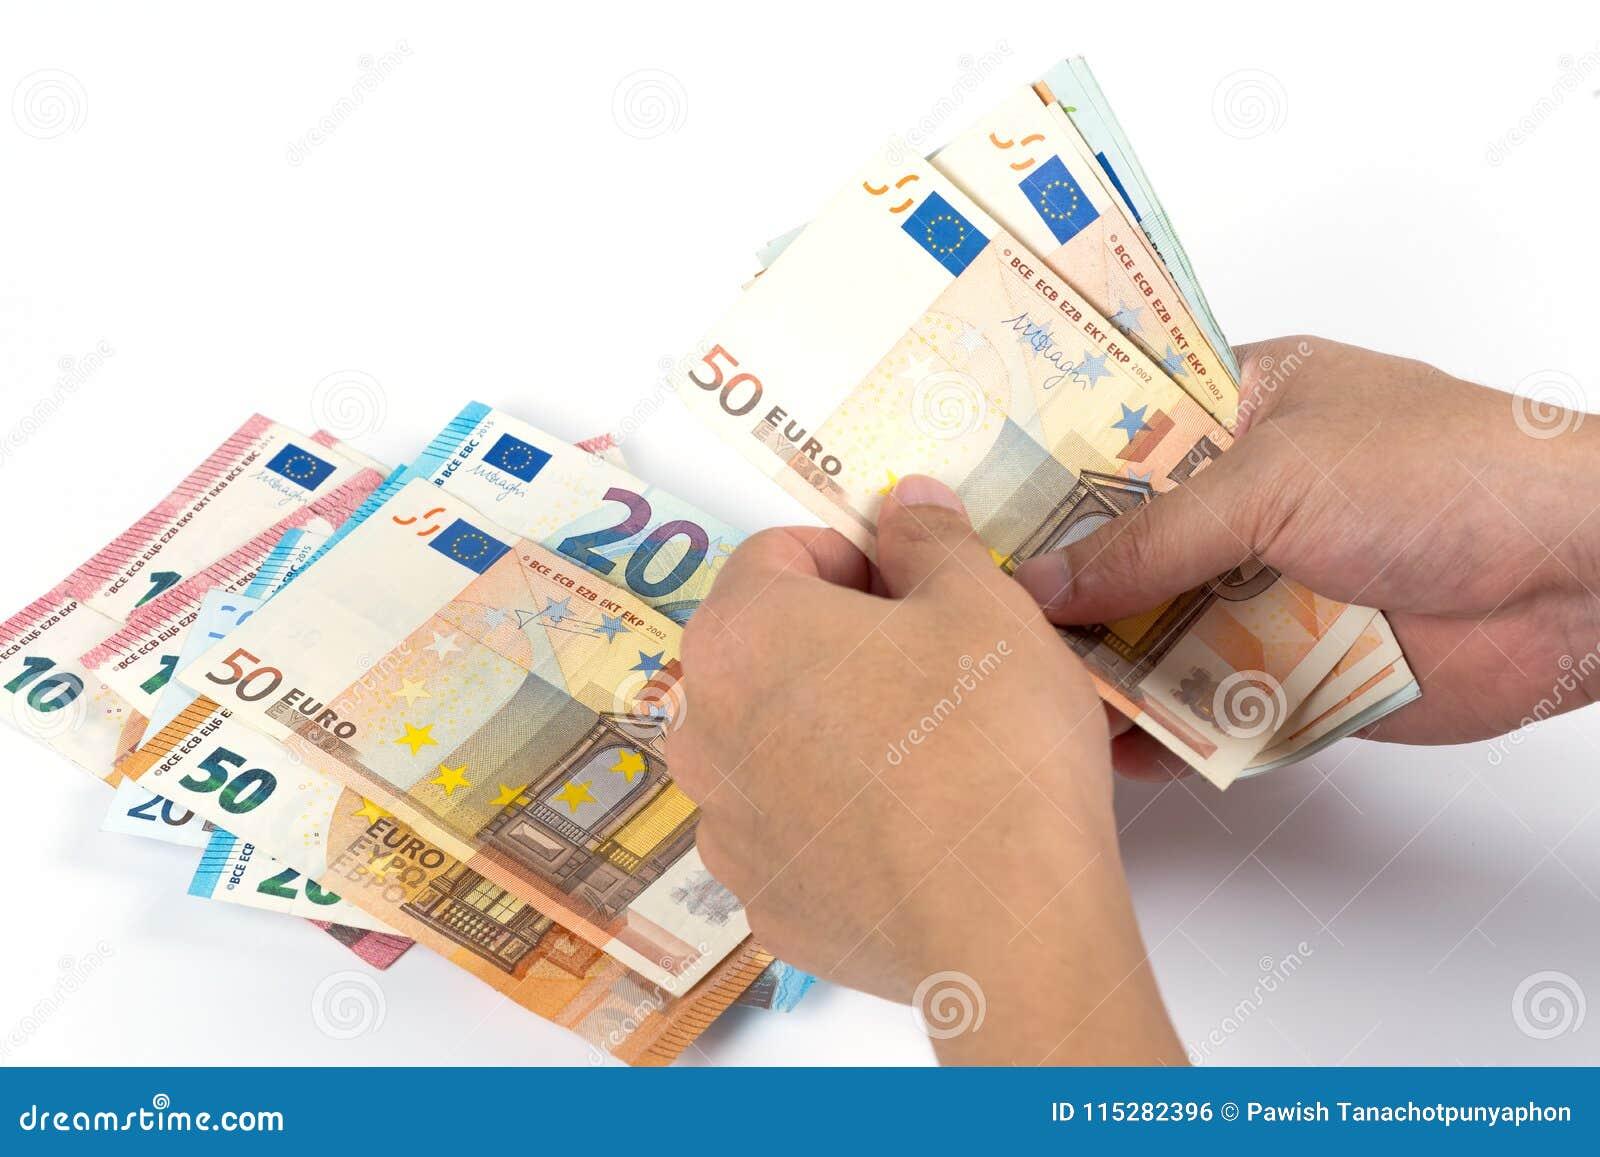 money exchange business requirements